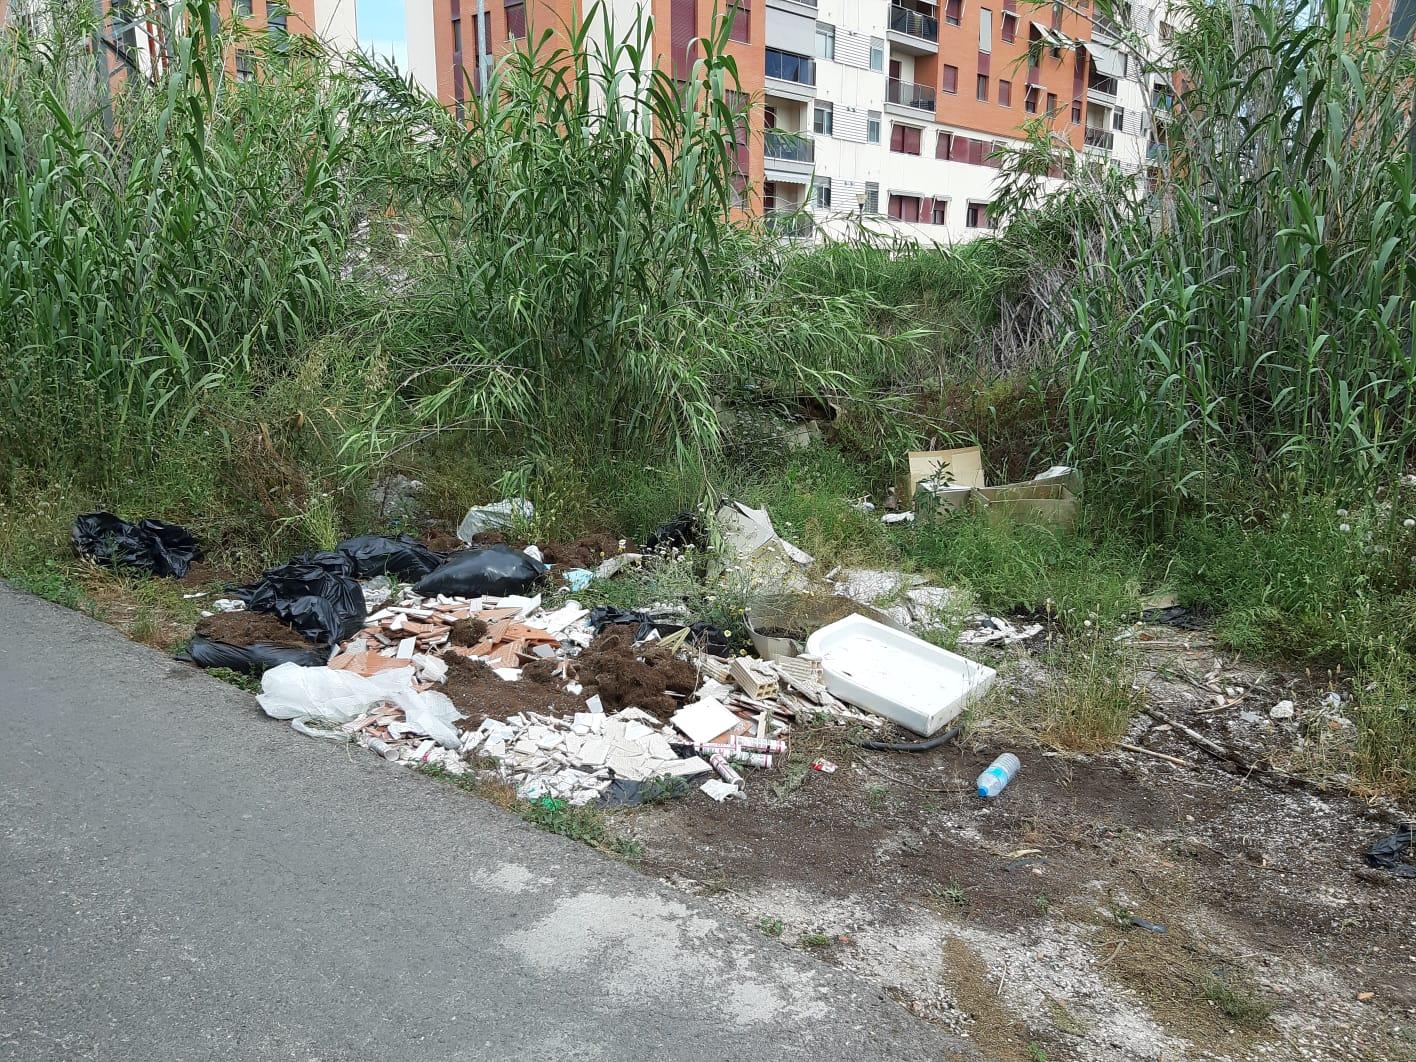 2019-05-30 Antes de limpiar los escombros calle Doctor de la Peña, Joven Futura, #ElMetropolitano